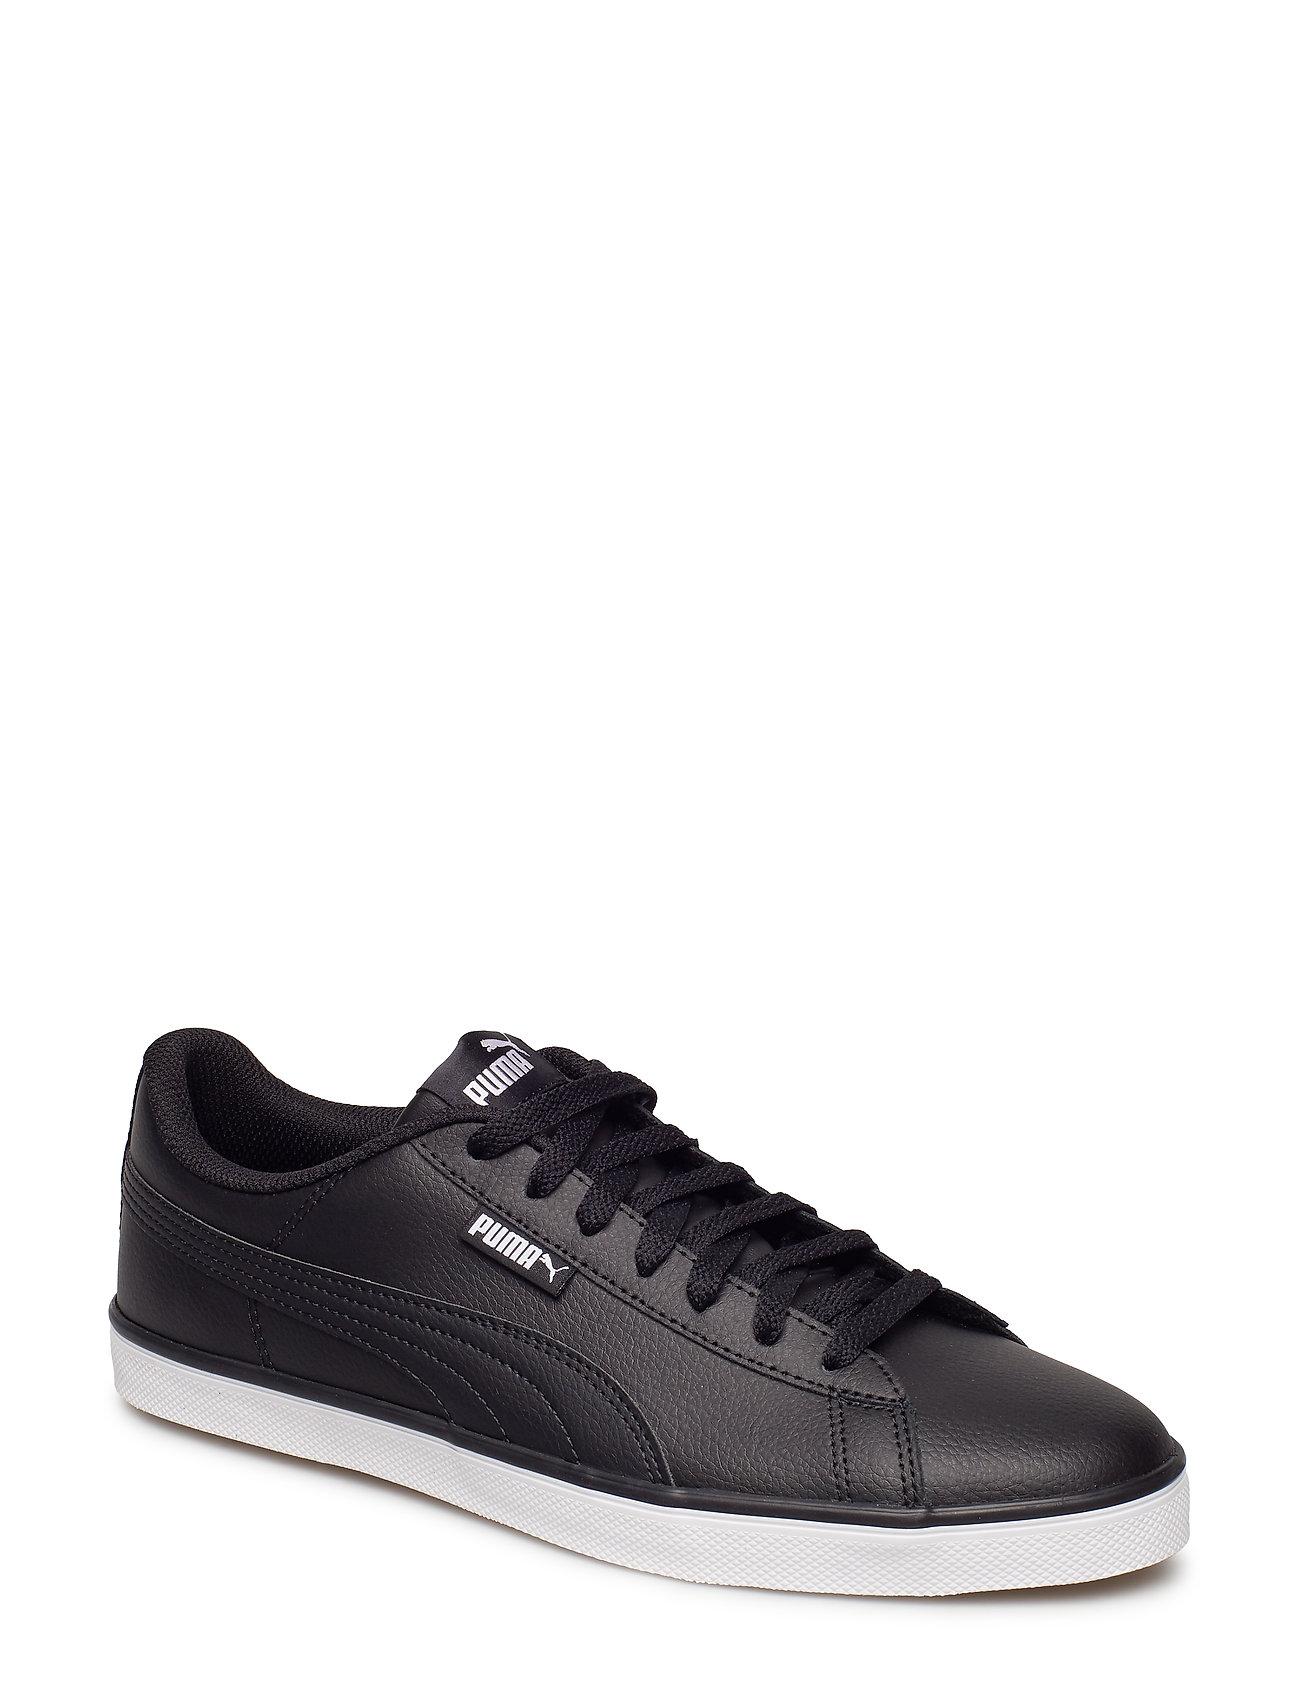 Urban Plus L (Puma Black-puma Black) (£36.75) - PUMA -  2309b6667